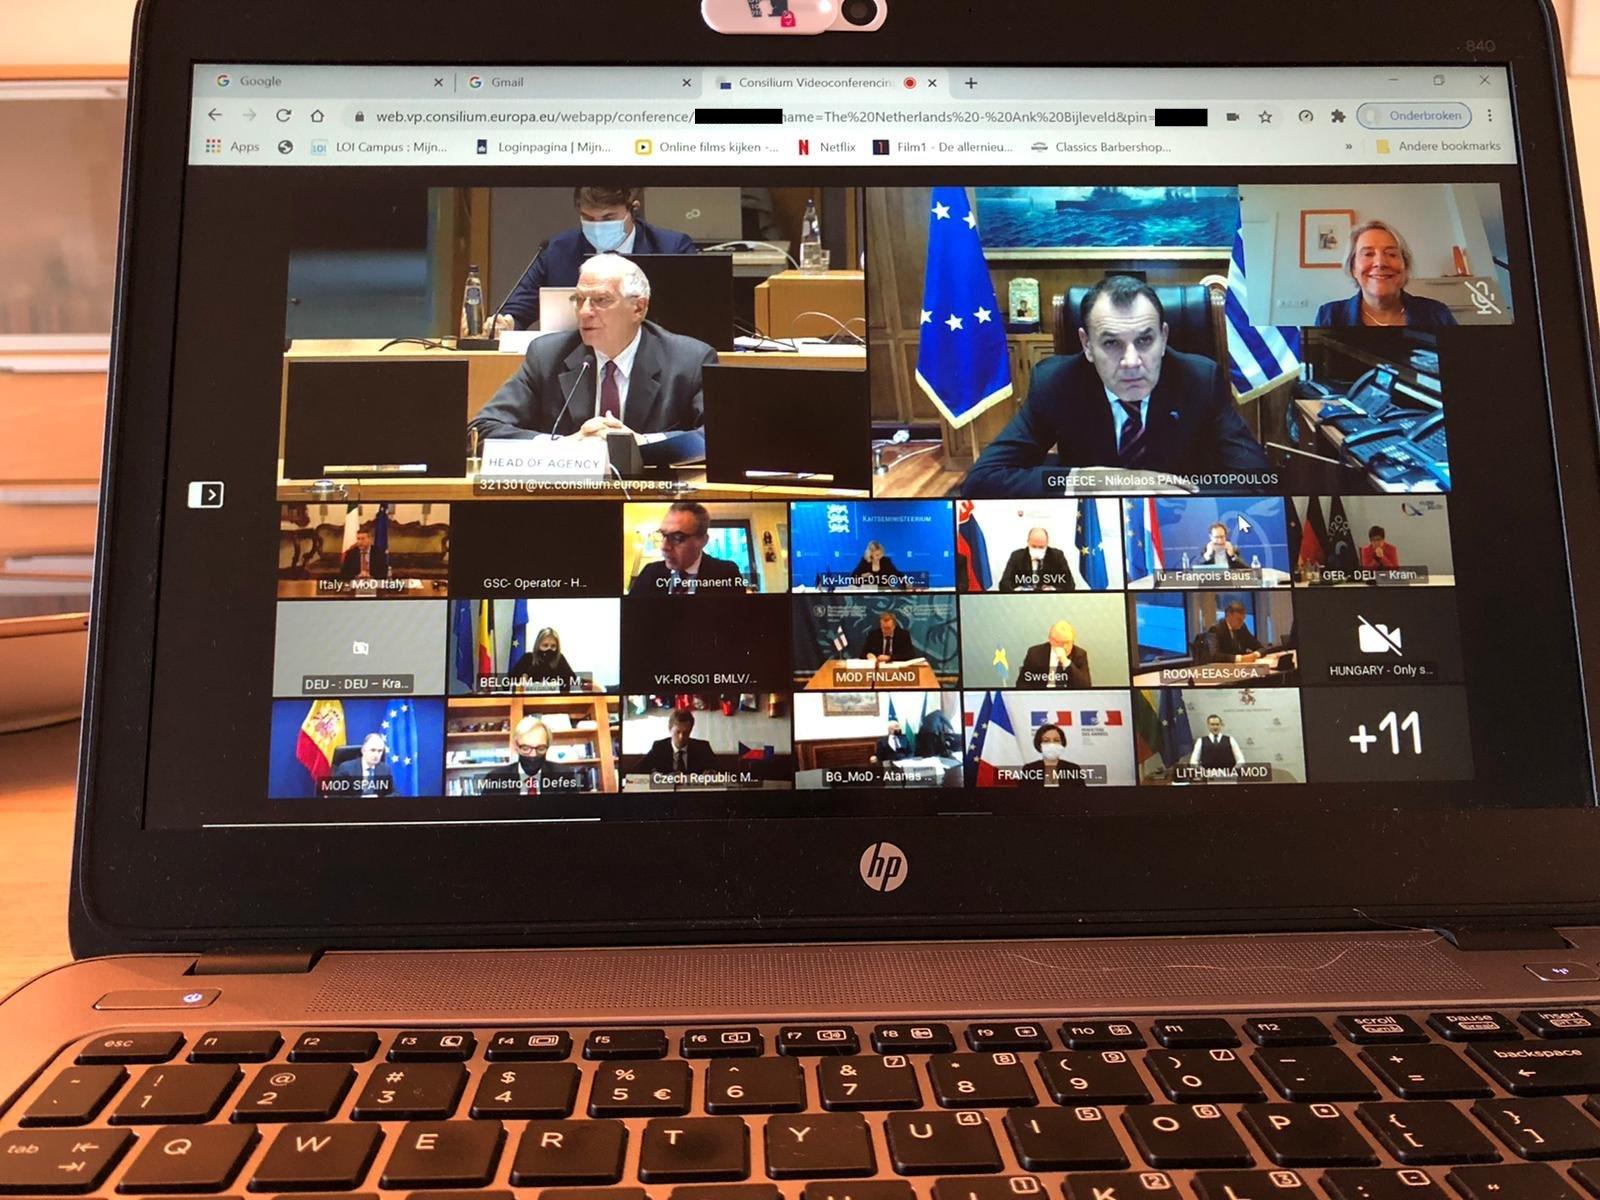 שיחת הווידאו של שרי ההגנה האירופים במועצת יחסי החוץ של האיחוד האירופי 🖼️ הטוויטר של אנק ביילפלד